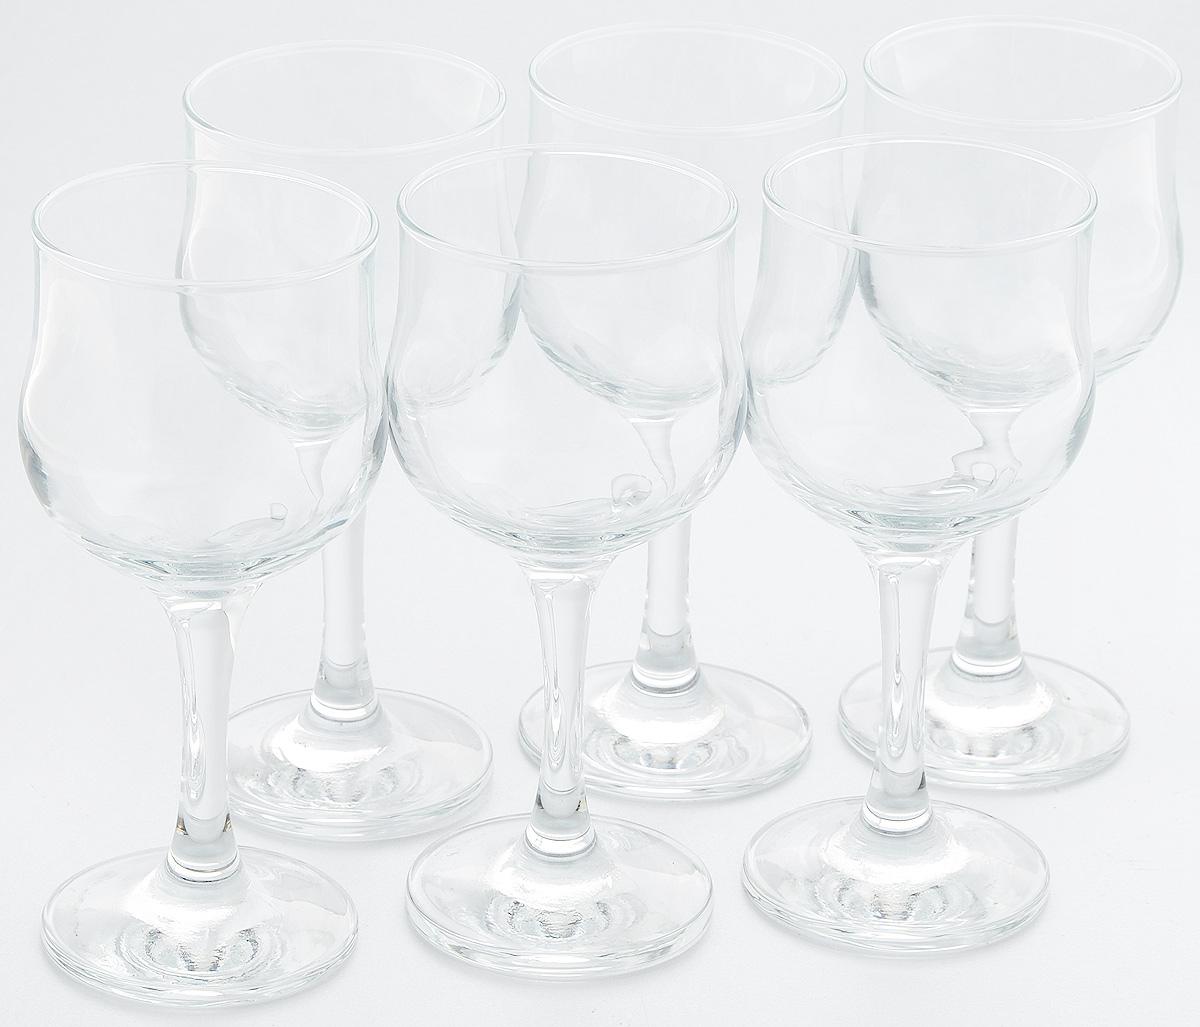 Набор бокалов для белого вина Pasabahce Tulipe, 200 мл, 6 шт44167BНабор Pasabahce Tulipe состоит из шести бокалов, выполненных из прочного натрий-кальций-силикатного стекла. Бокалы, предназначенные для подачи белого вина, сочетают в себе элегантный дизайн и функциональность. Набор бокалов Pasabahce Tulipe прекрасно оформит праздничный стол и создаст приятную атмосферу за романтическим ужином. Такой набор также станет хорошим подарком к любому случаю. Высота бокала: 16 см.